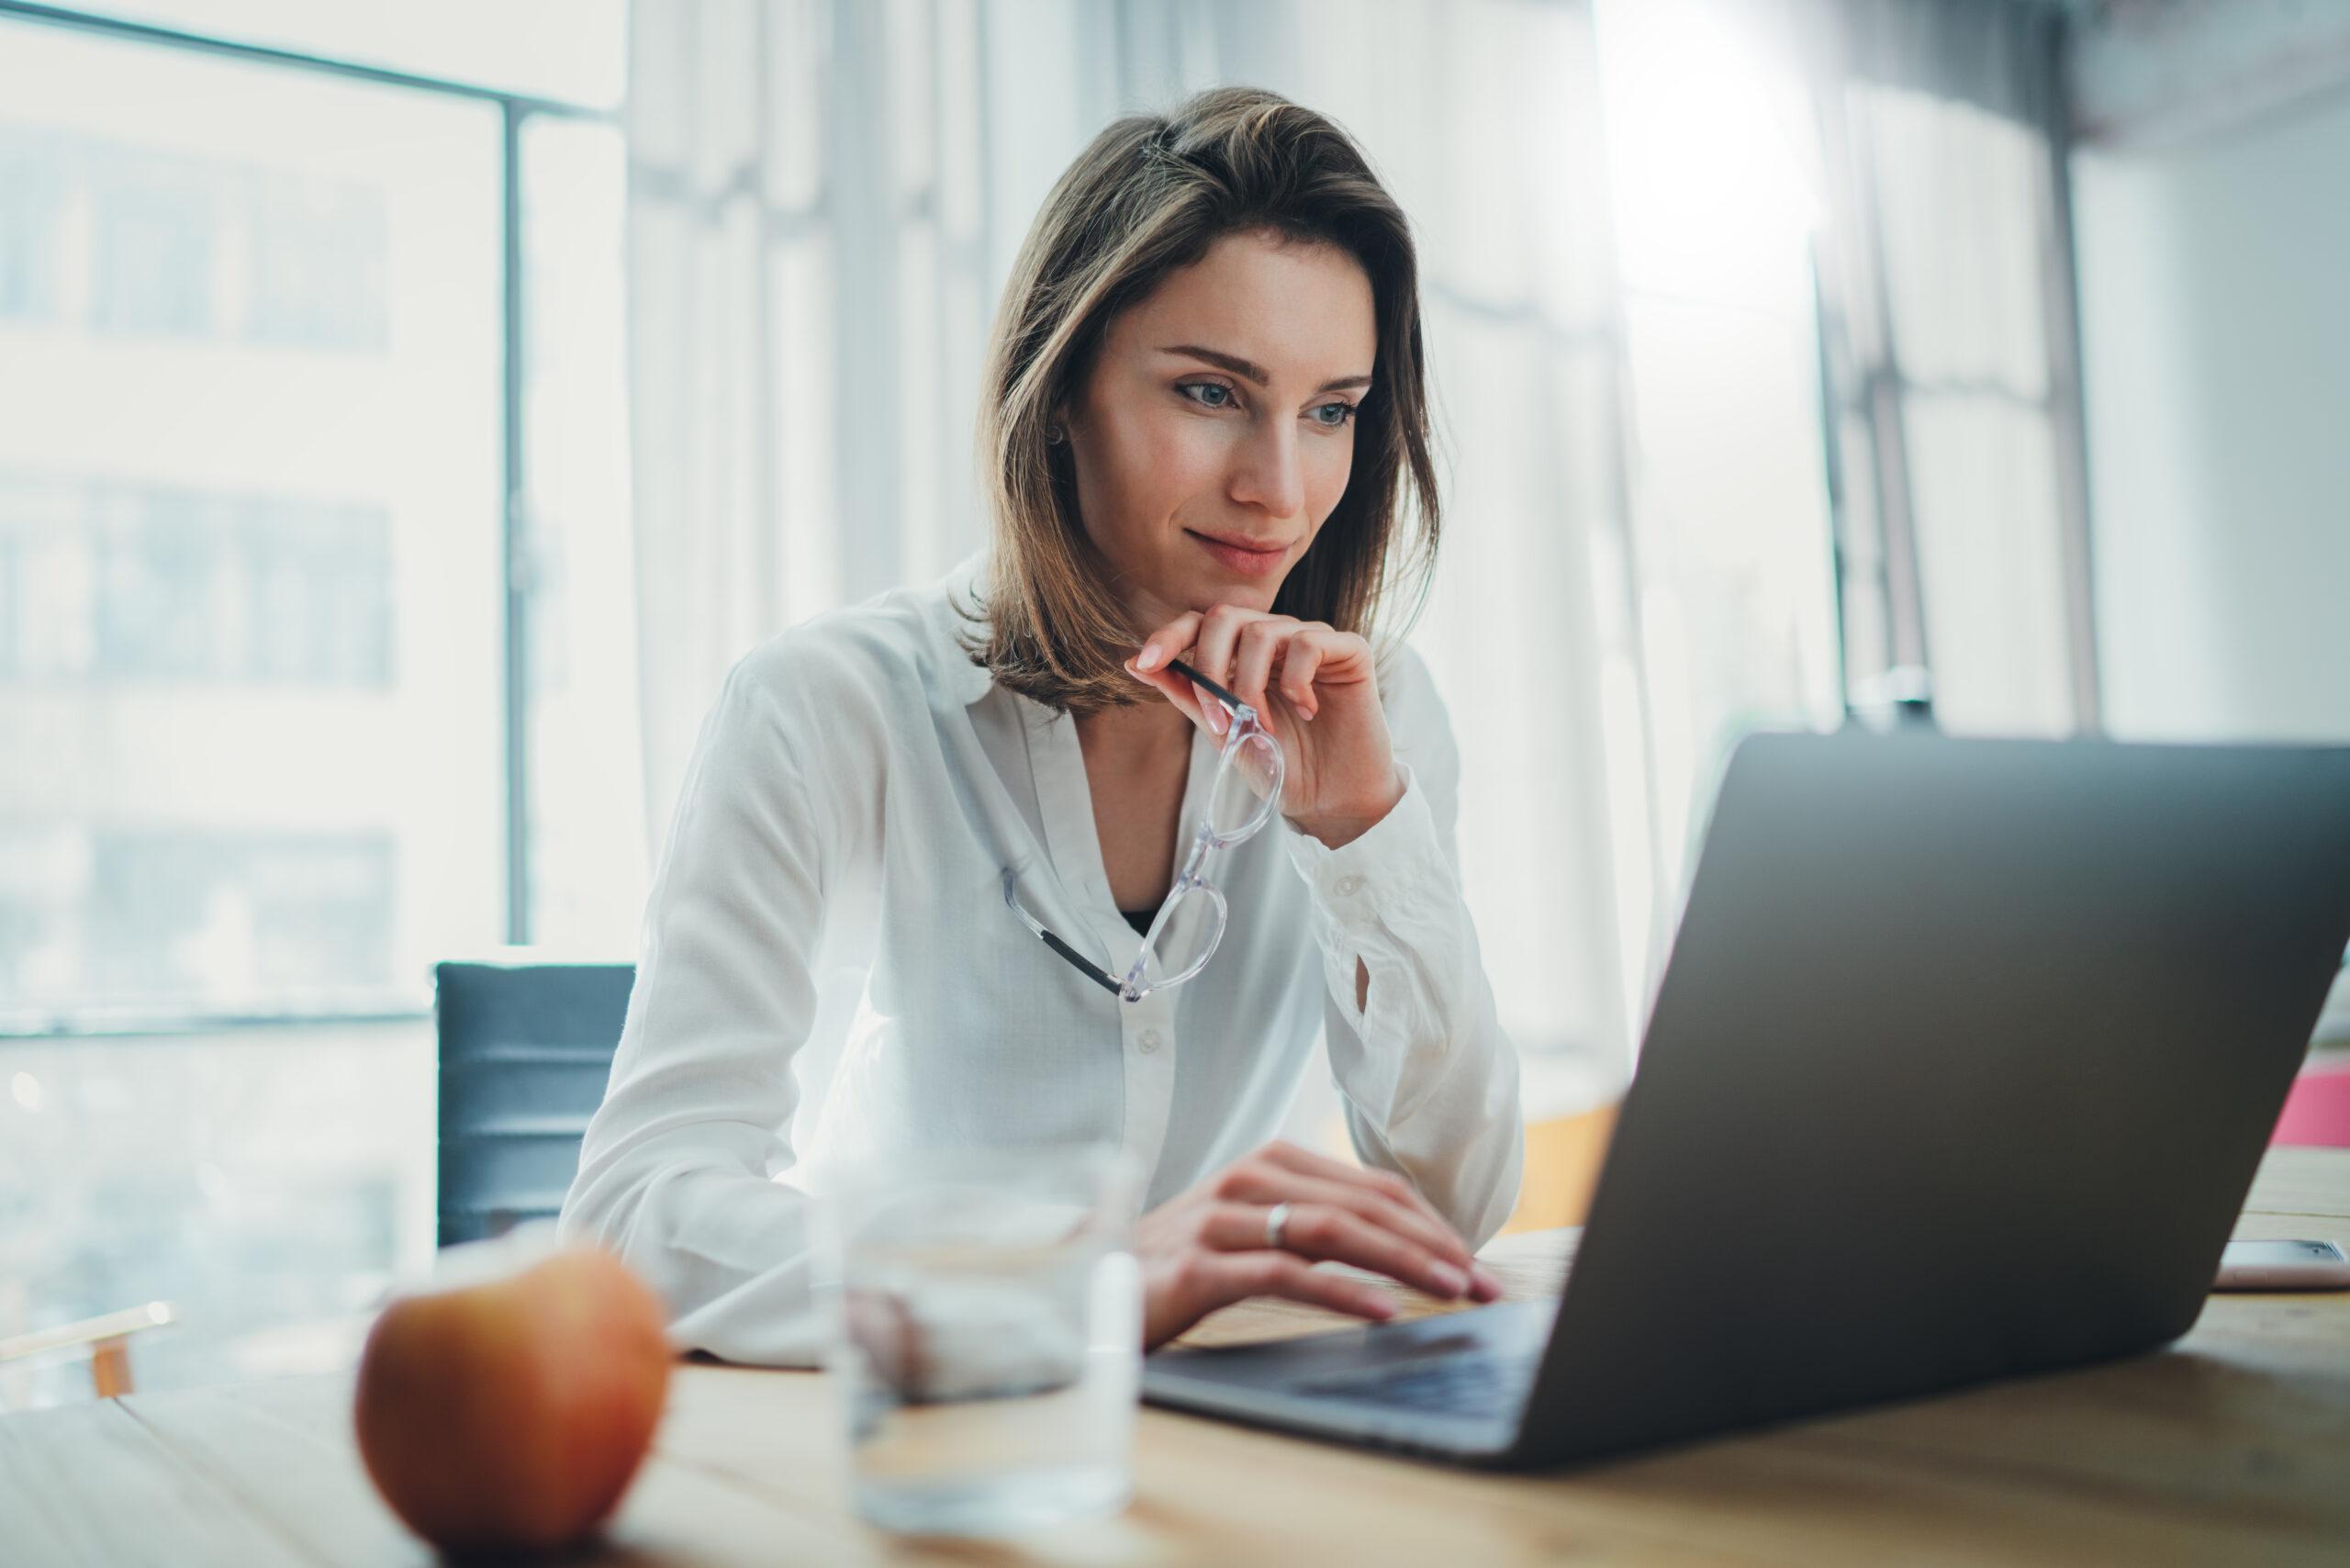 Nainen valkoisessa kauluspaidassa istuu kannettavan tietokoneen ääressä mietteliäänä. Etualalla on vesilasi ja omena